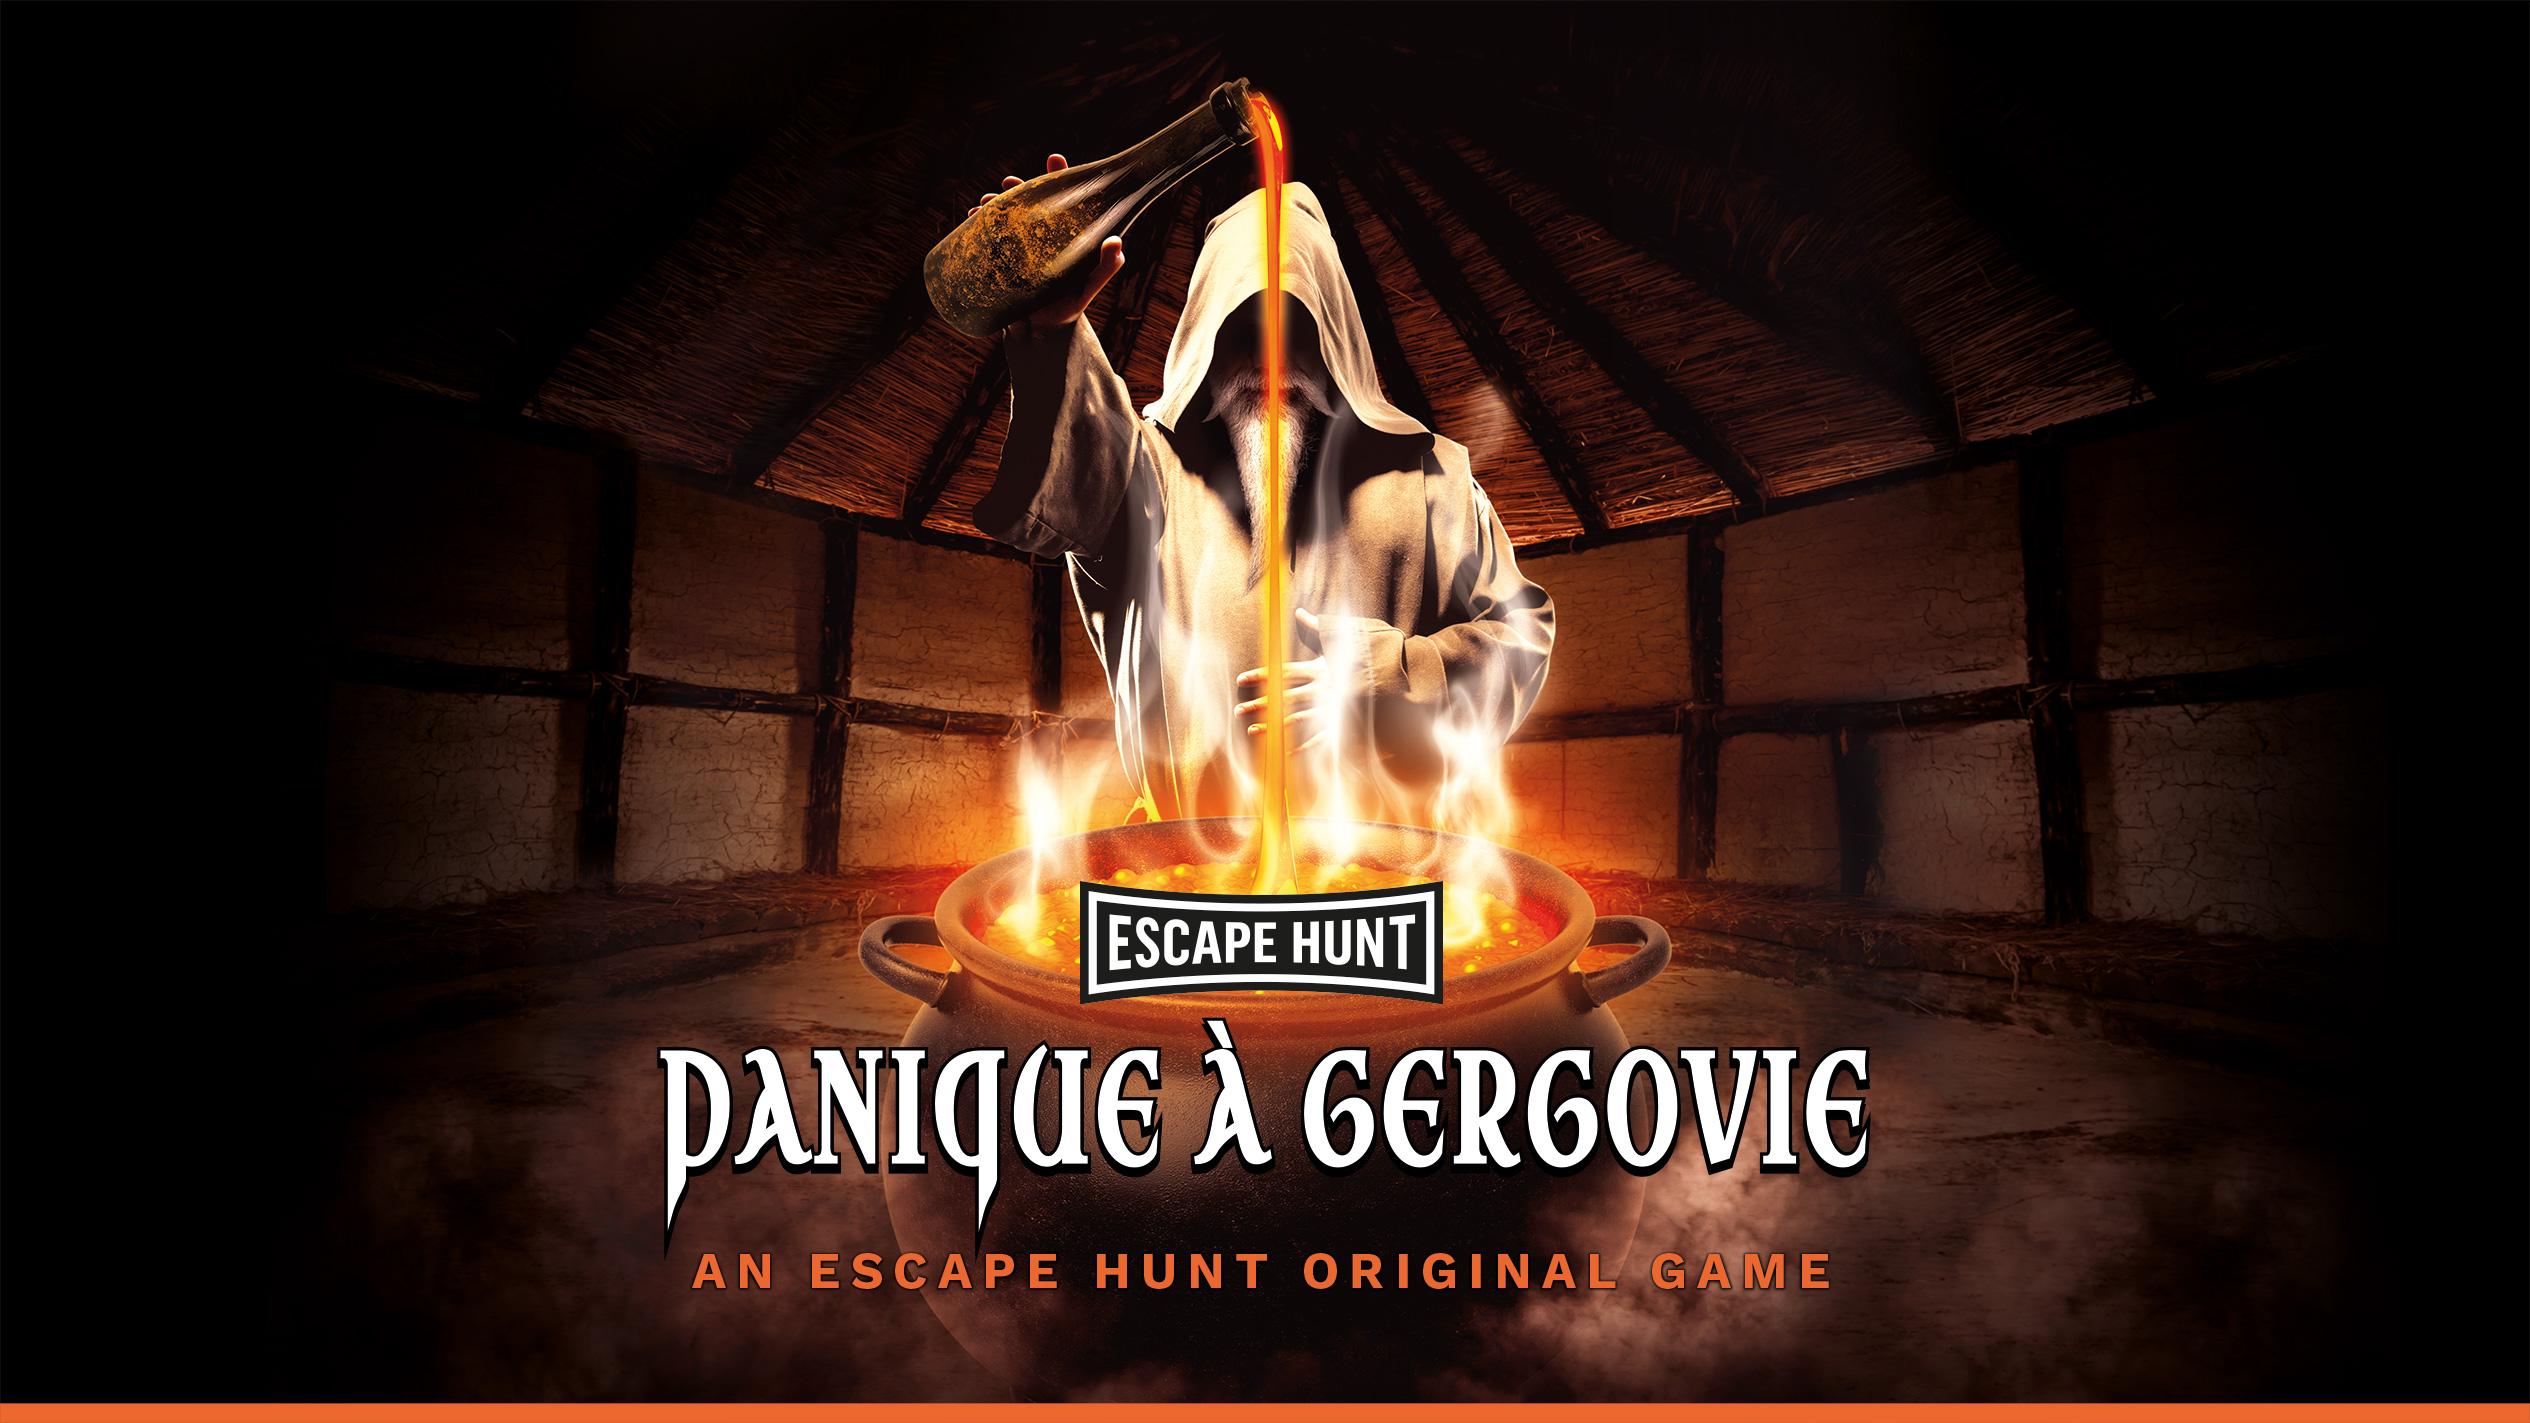 Escape Hunt Clermont Ferrand - Escape Game Clermont Ferrand Panique A Gergovie